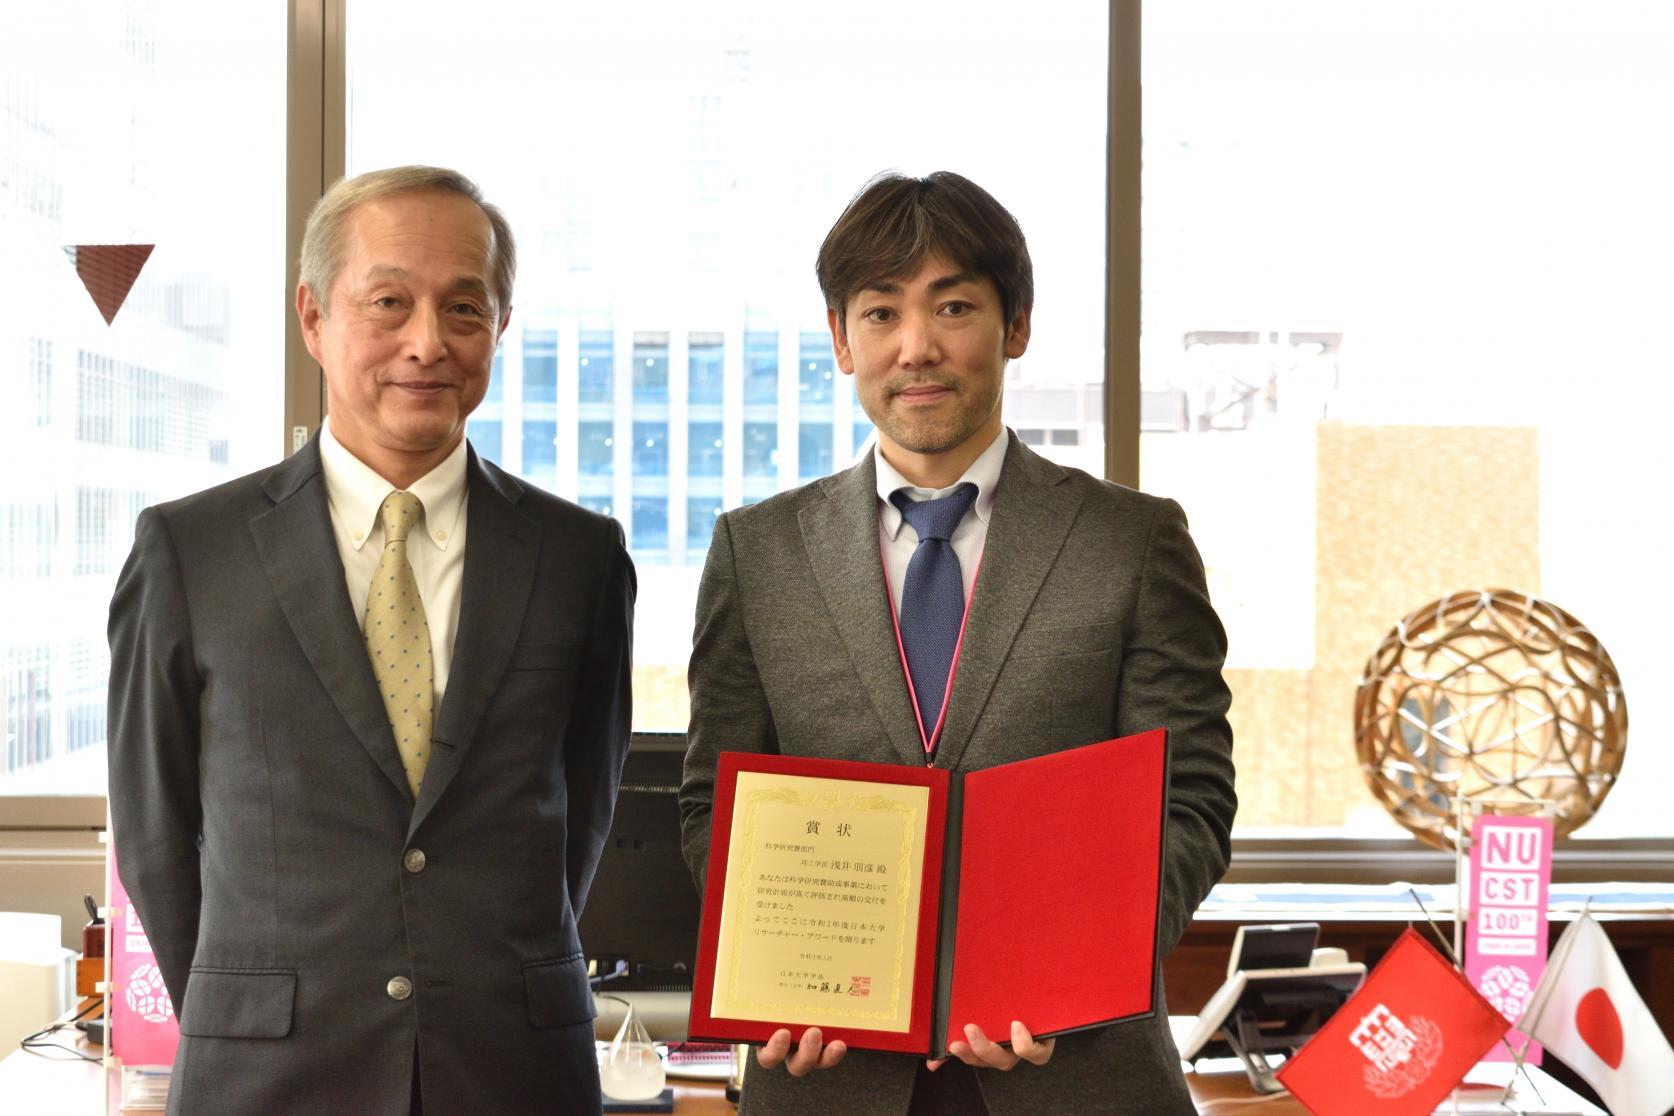 物理学科 浅井朋彦教授が、令和2年度日本大学リサーチャー・アワード(科学研究費部門)を受賞しました。